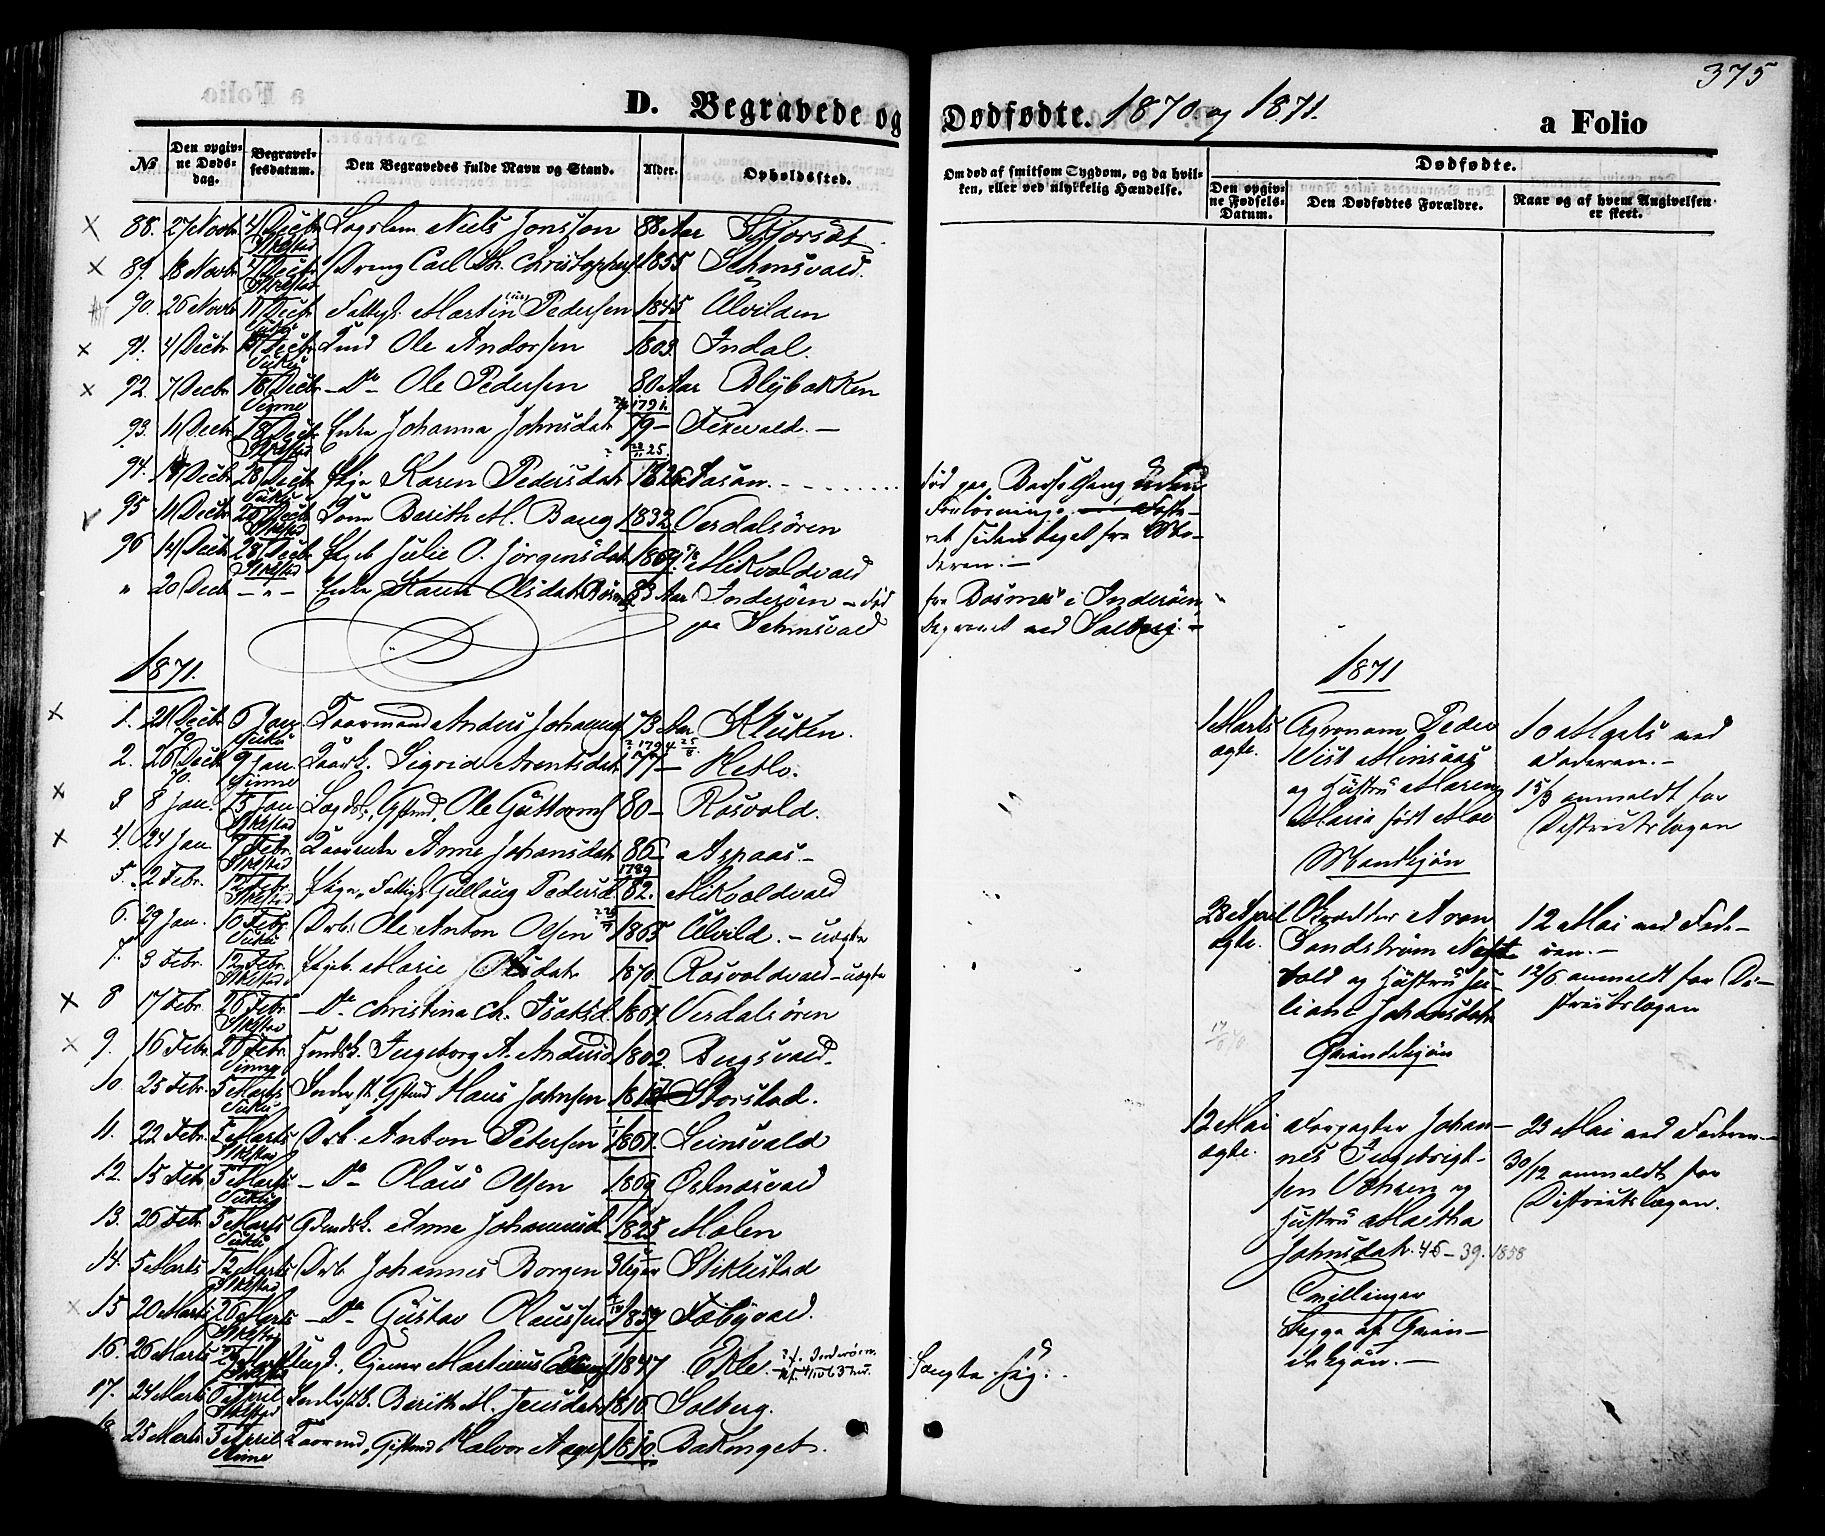 SAT, Ministerialprotokoller, klokkerbøker og fødselsregistre - Nord-Trøndelag, 723/L0242: Ministerialbok nr. 723A11, 1870-1880, s. 375